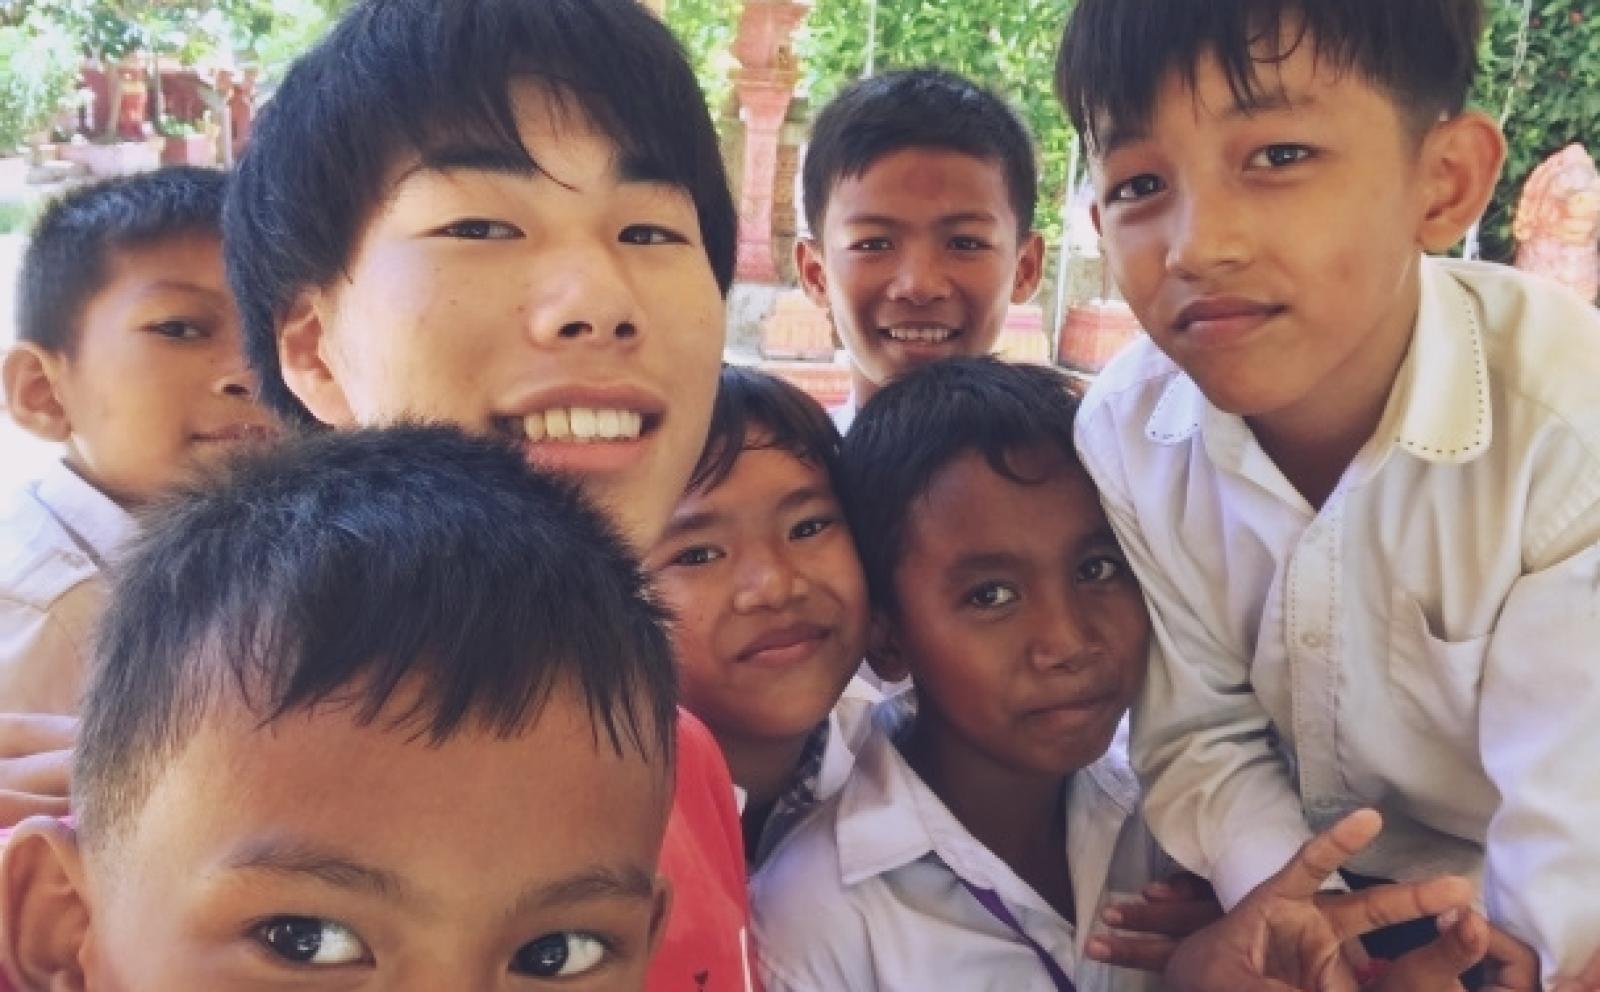 カンボジアでチャイルドケア&地域奉仕活動 吉村柊人